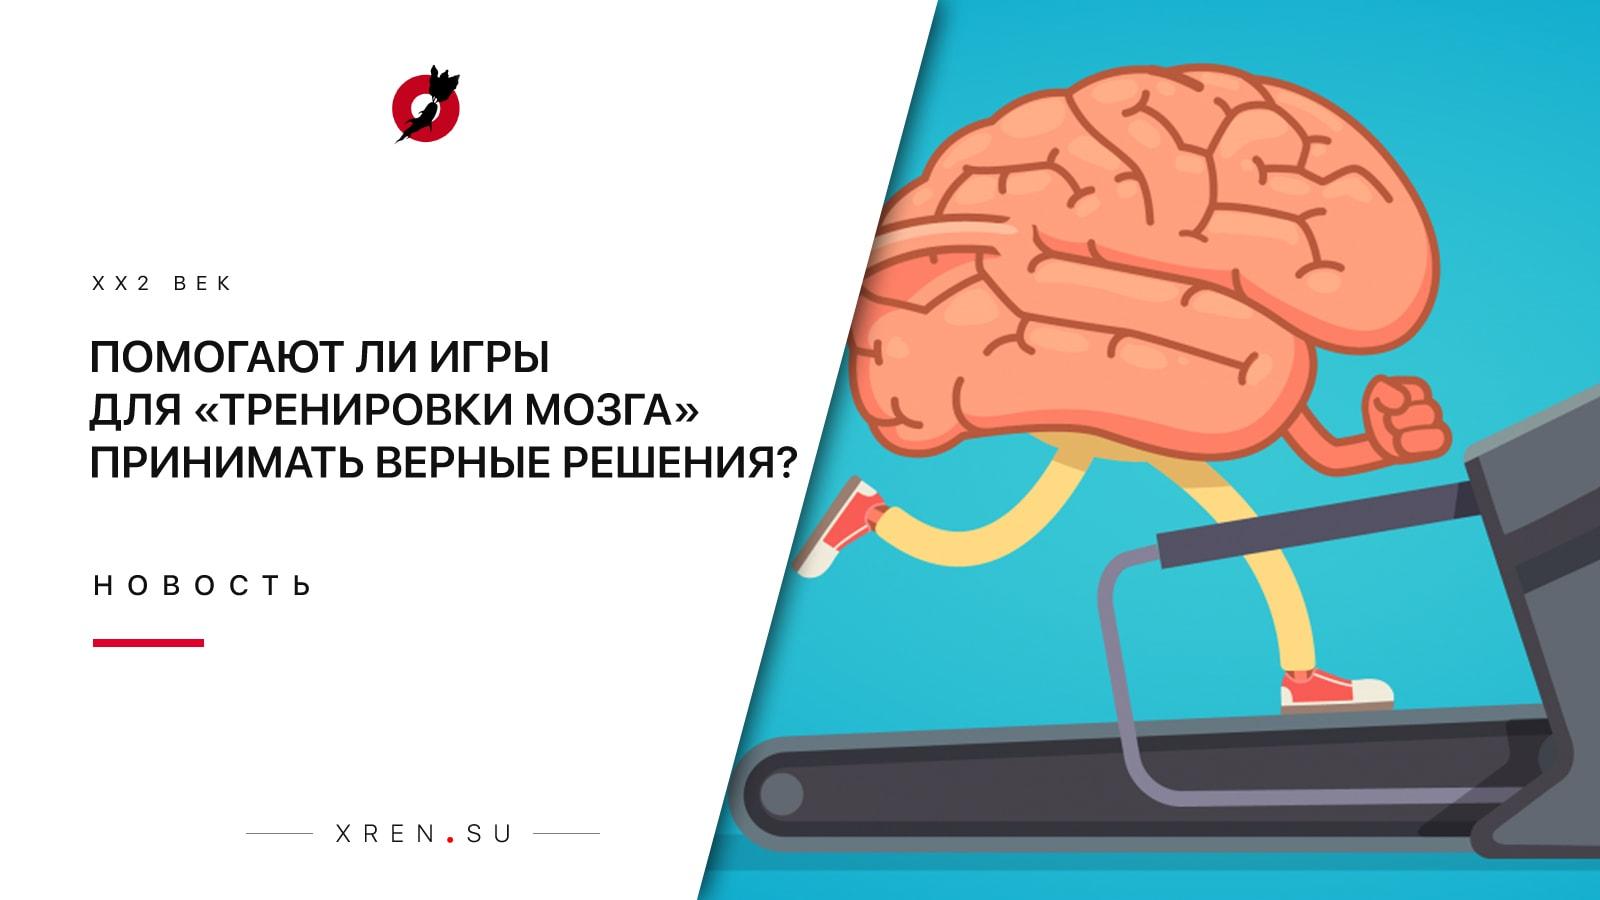 Помогают ли игры для «тренировки мозга» принимать верные решения?